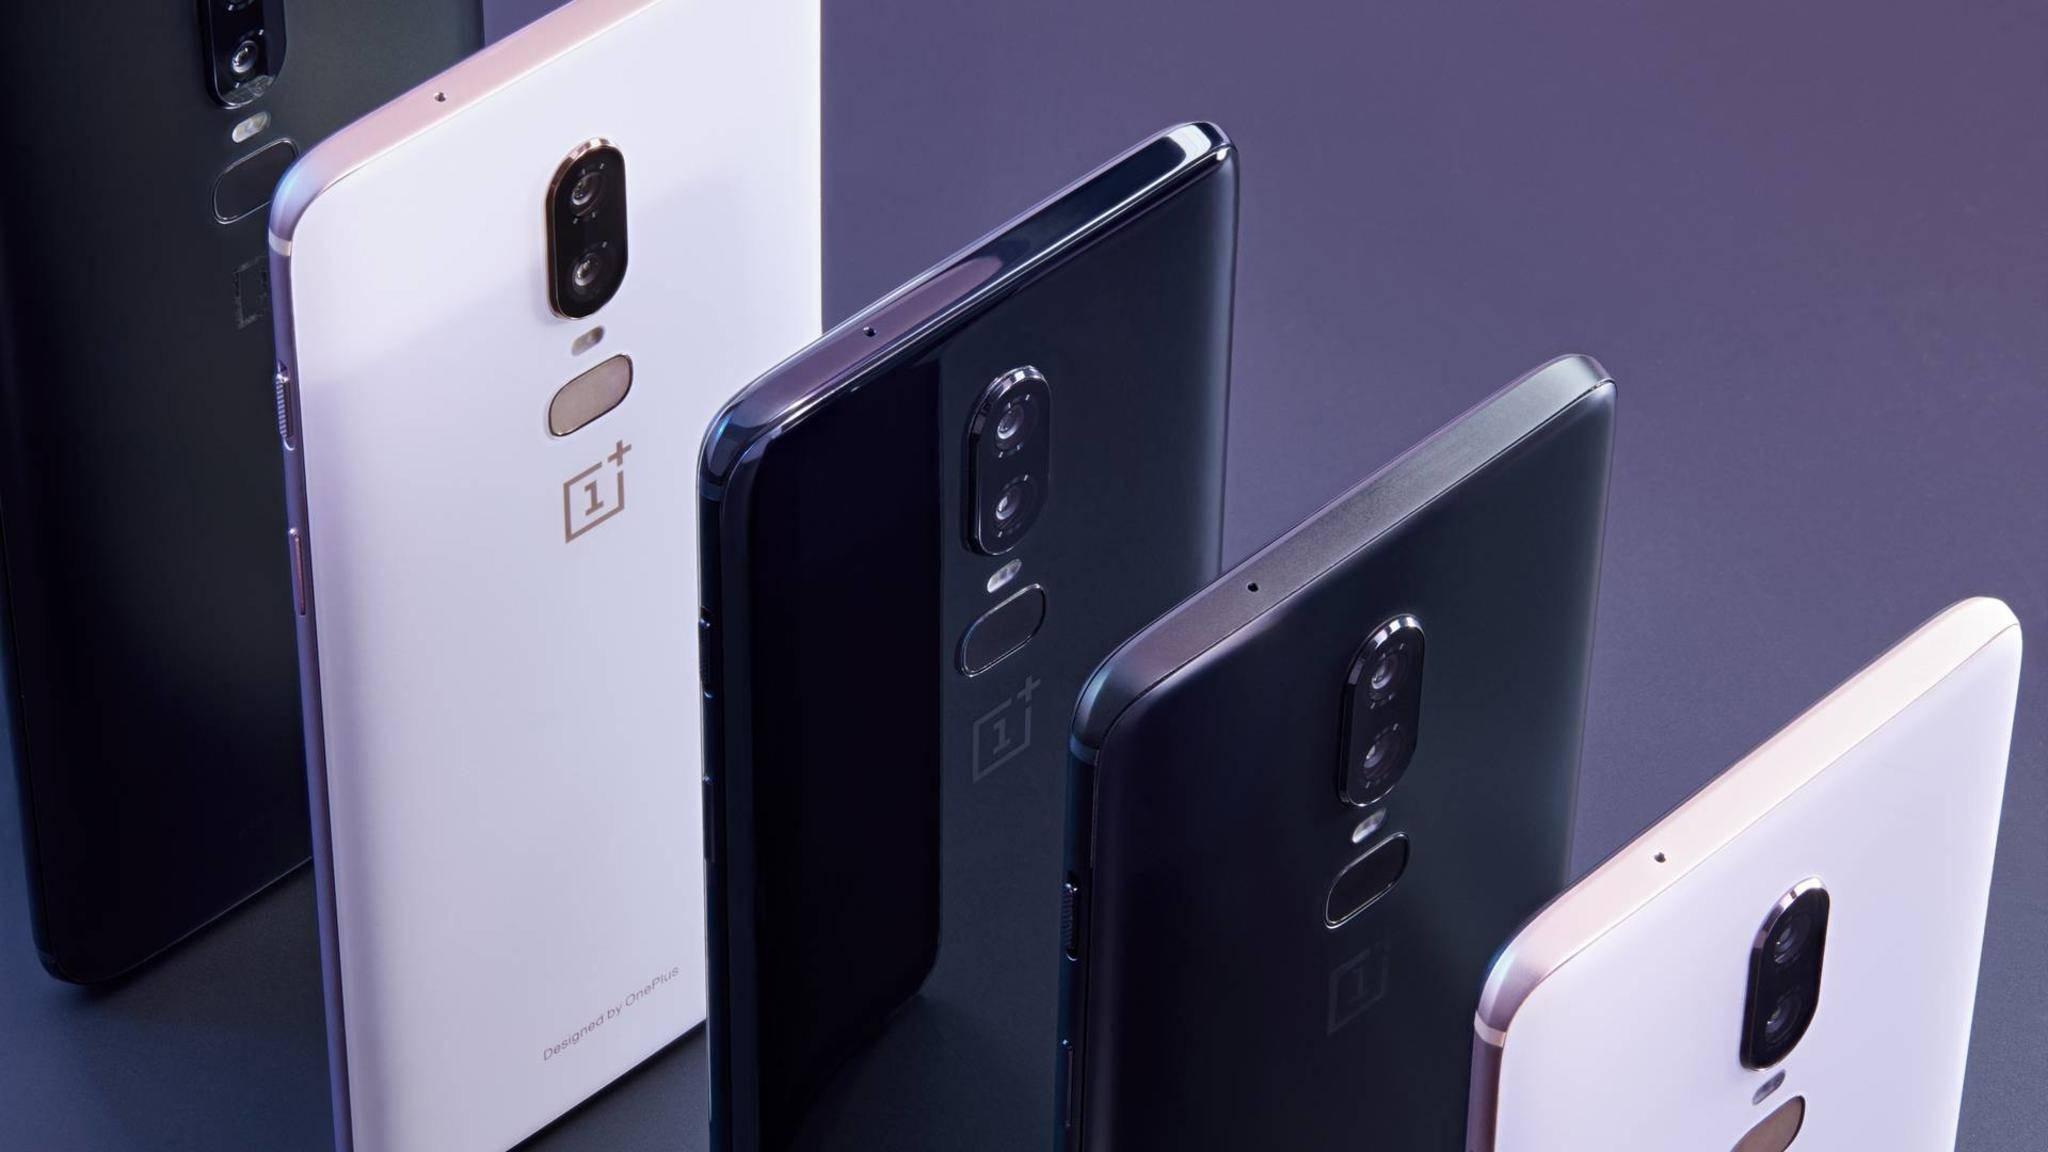 Das OnePlus 6 dürfte Ende 2018 noch einen stärkeren Ableger erhalten.